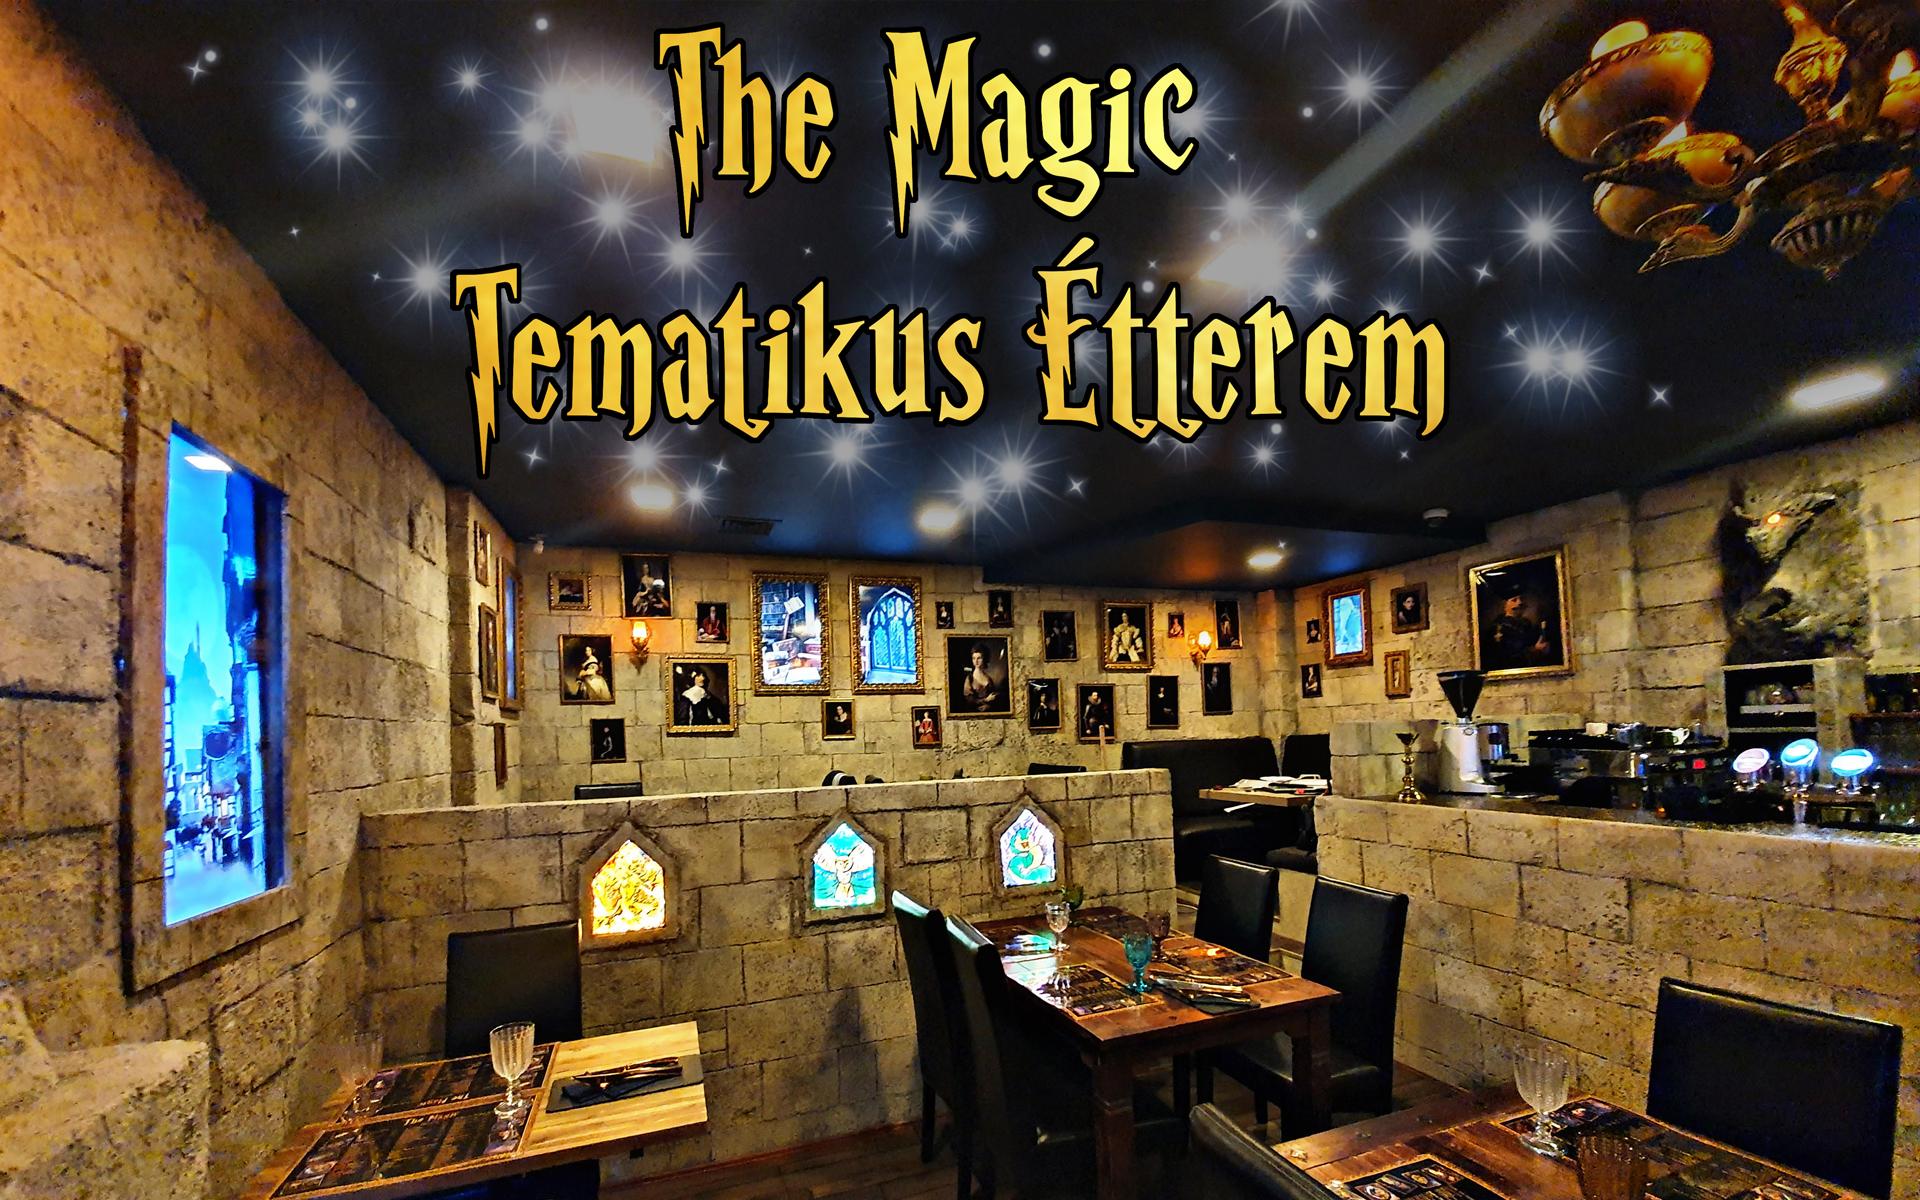 The Magic étterem